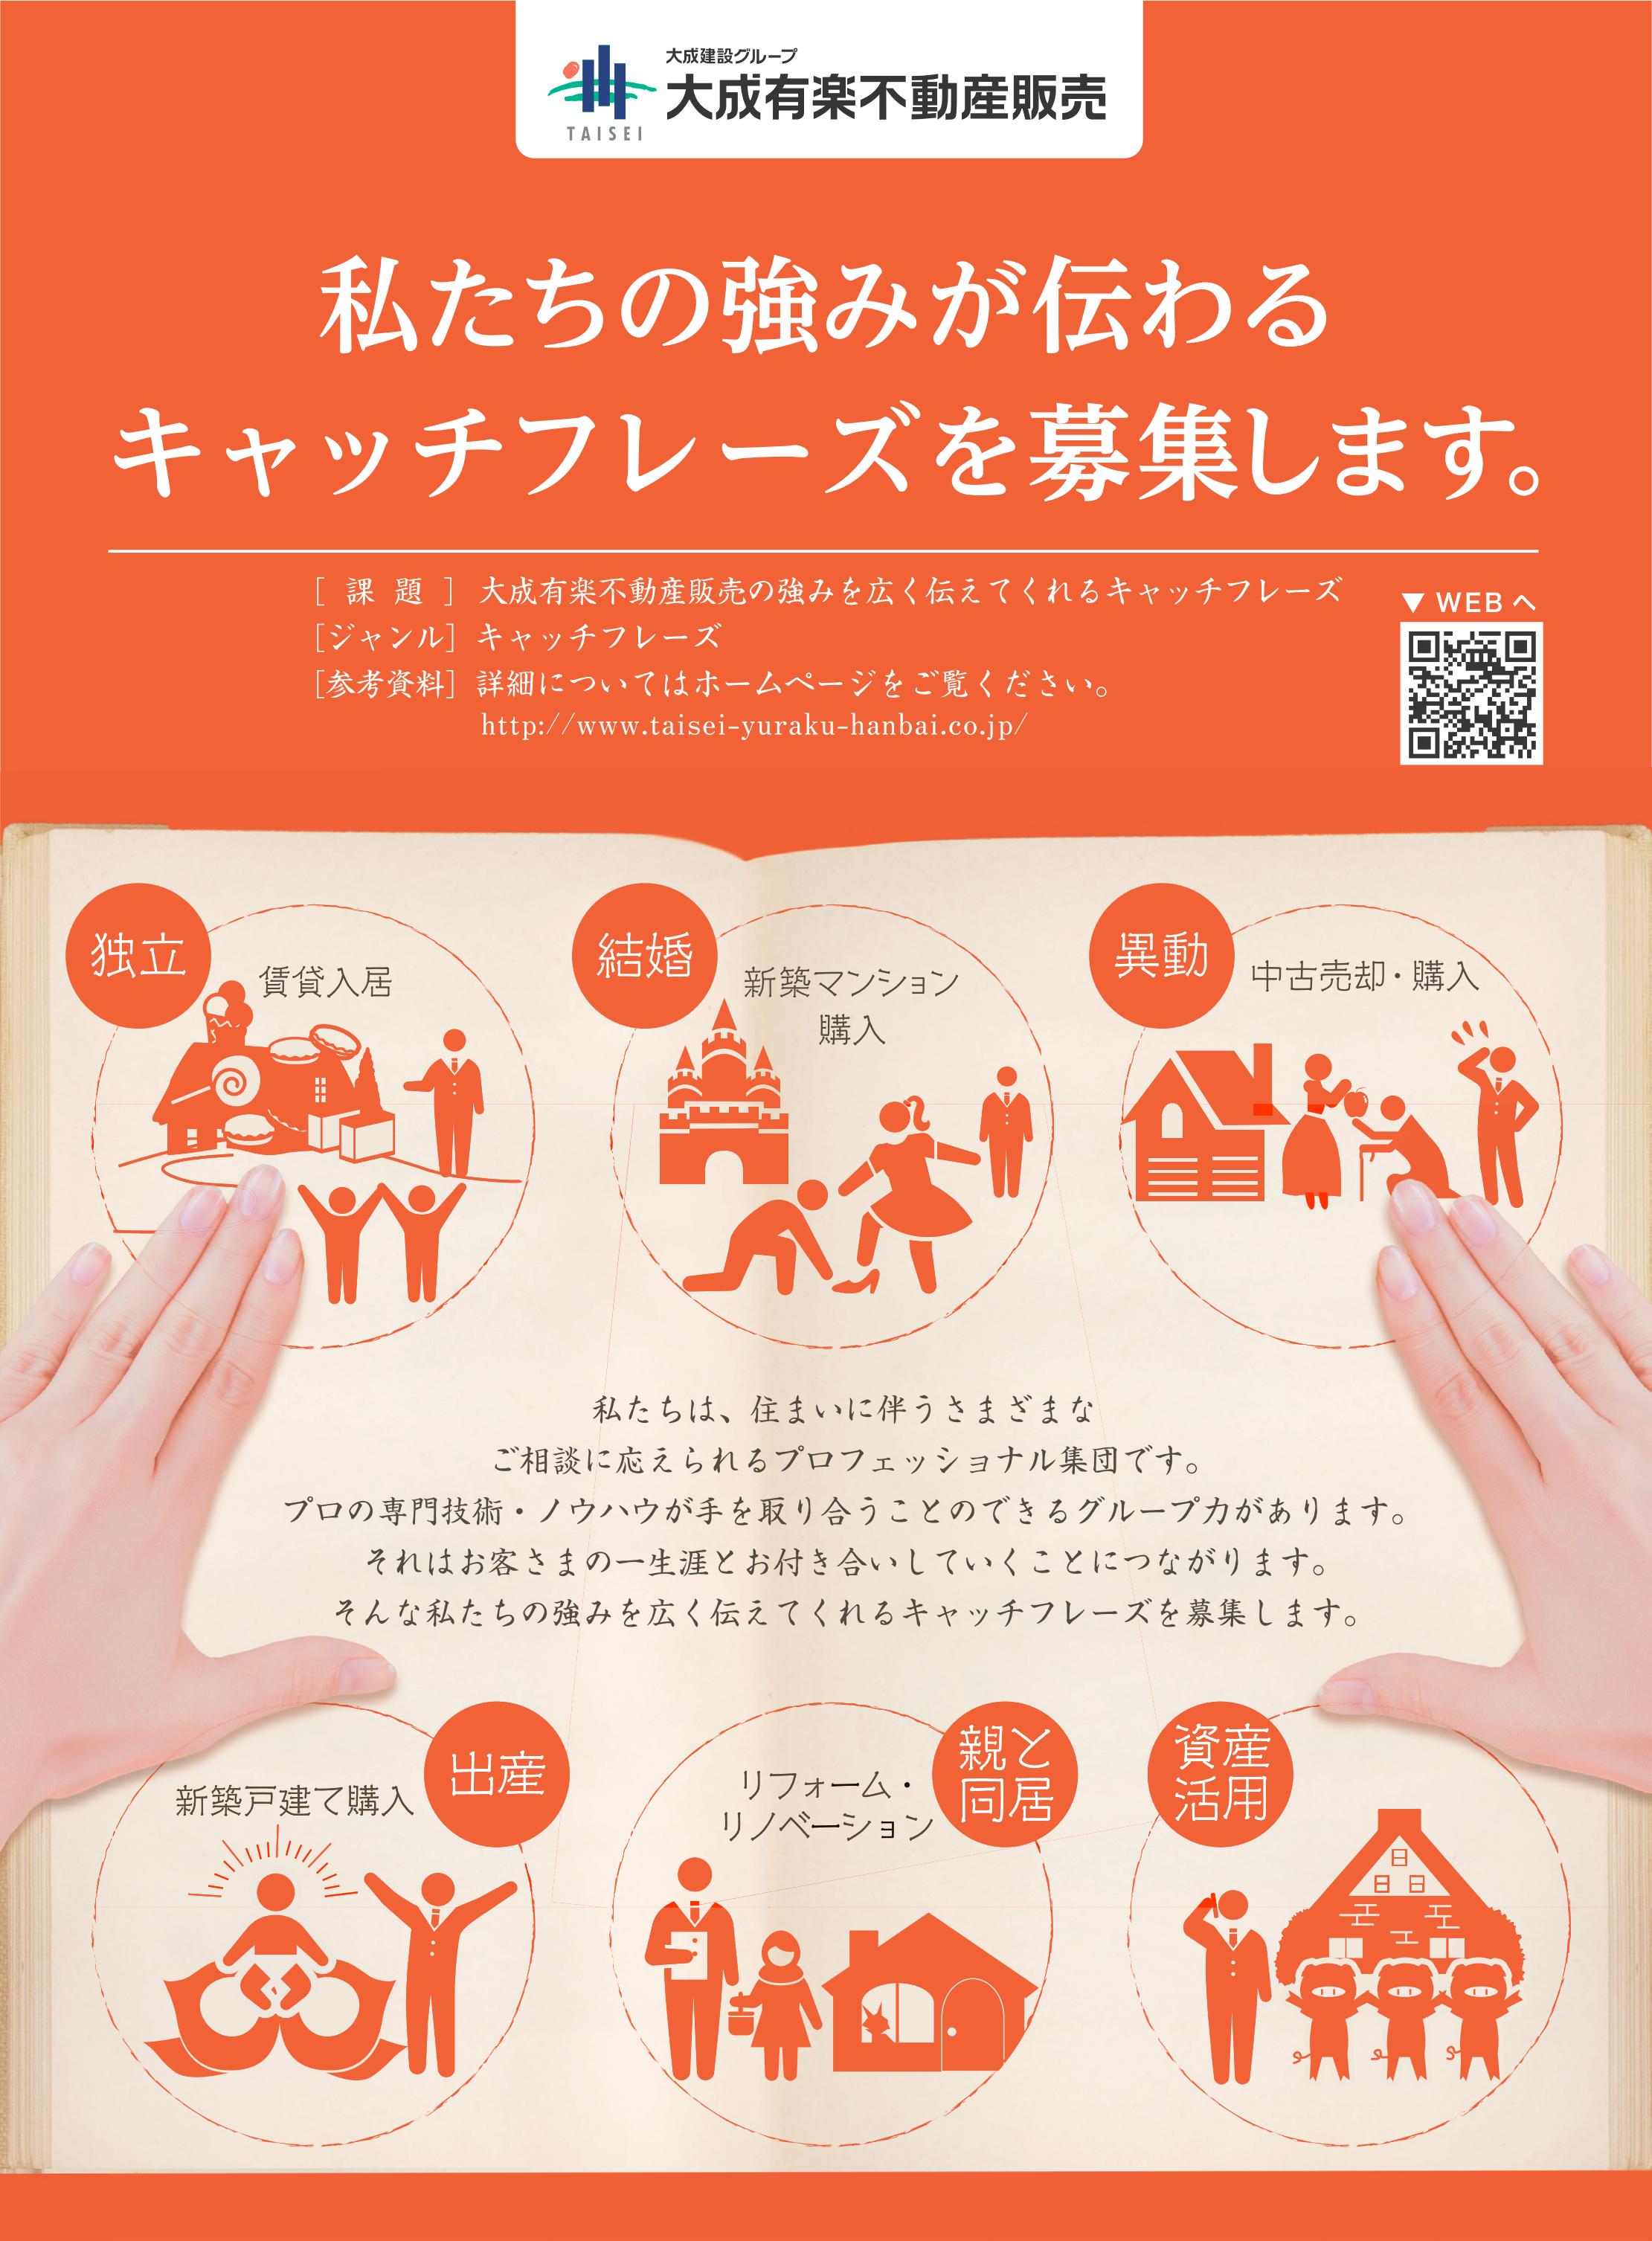 23.大成有楽不動産販売